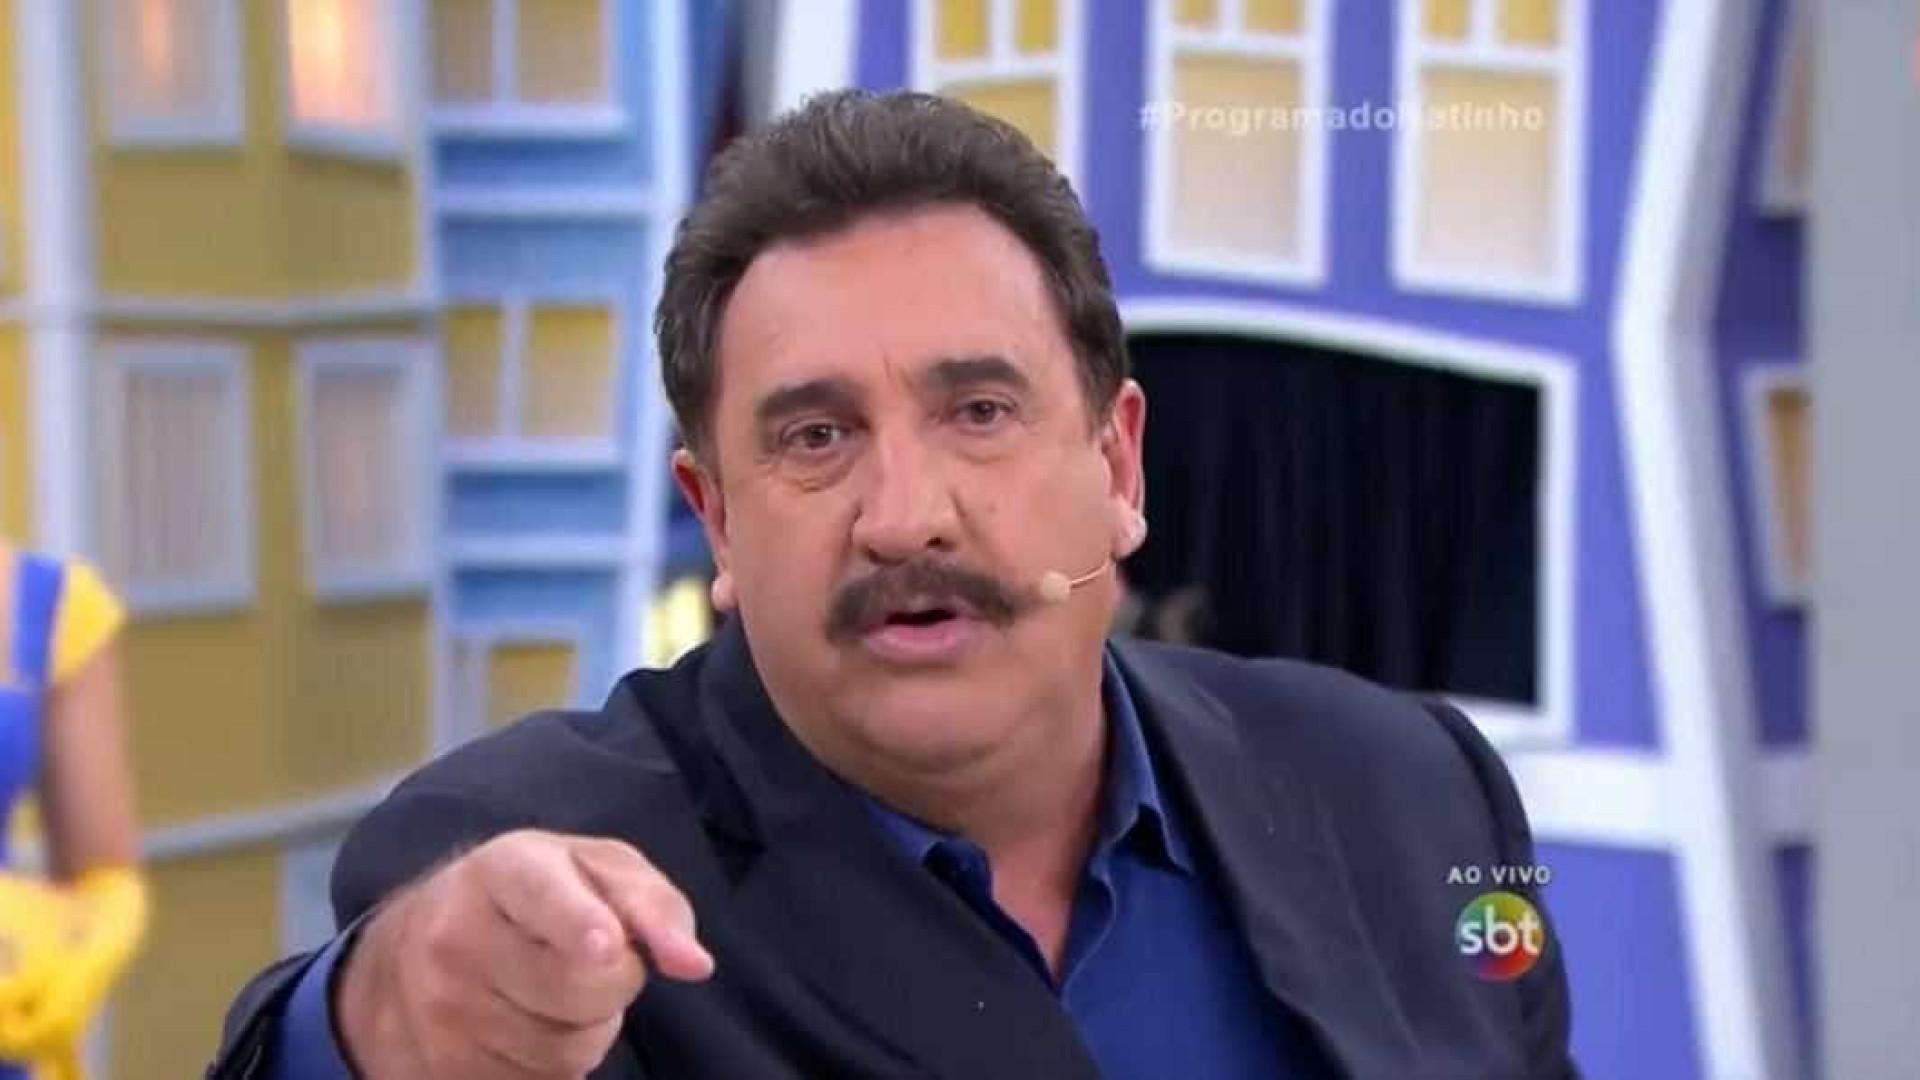 Ratinho polemiza ao dizer que novelas da Globo 'têm muito viado'